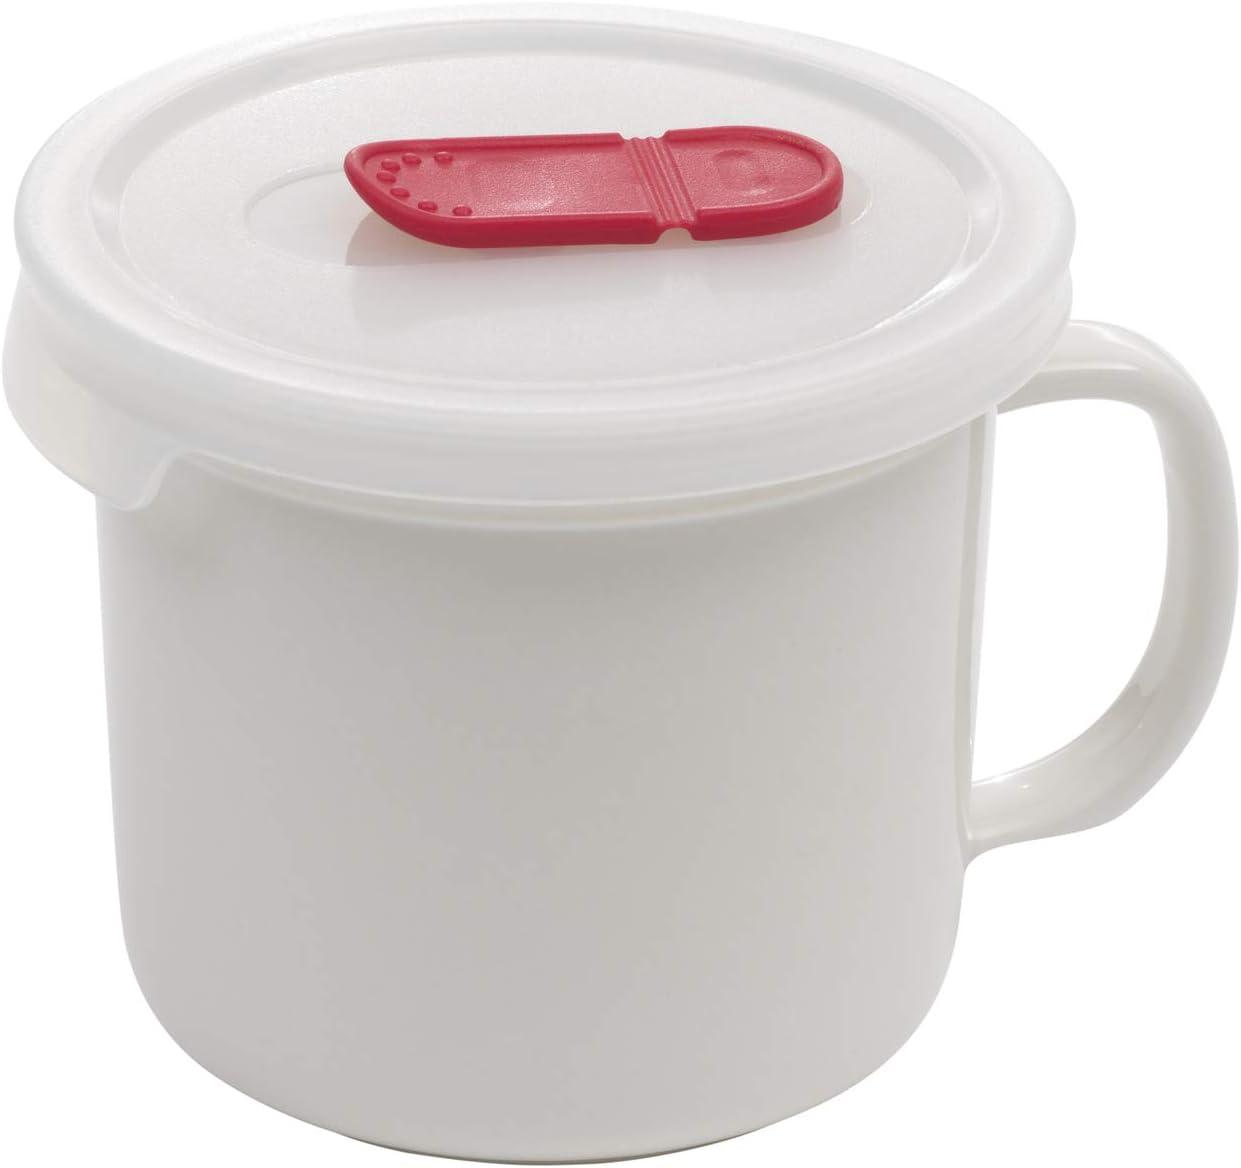 Goodcook 04164 Ceramic Mug with vented lid, 20oz, White